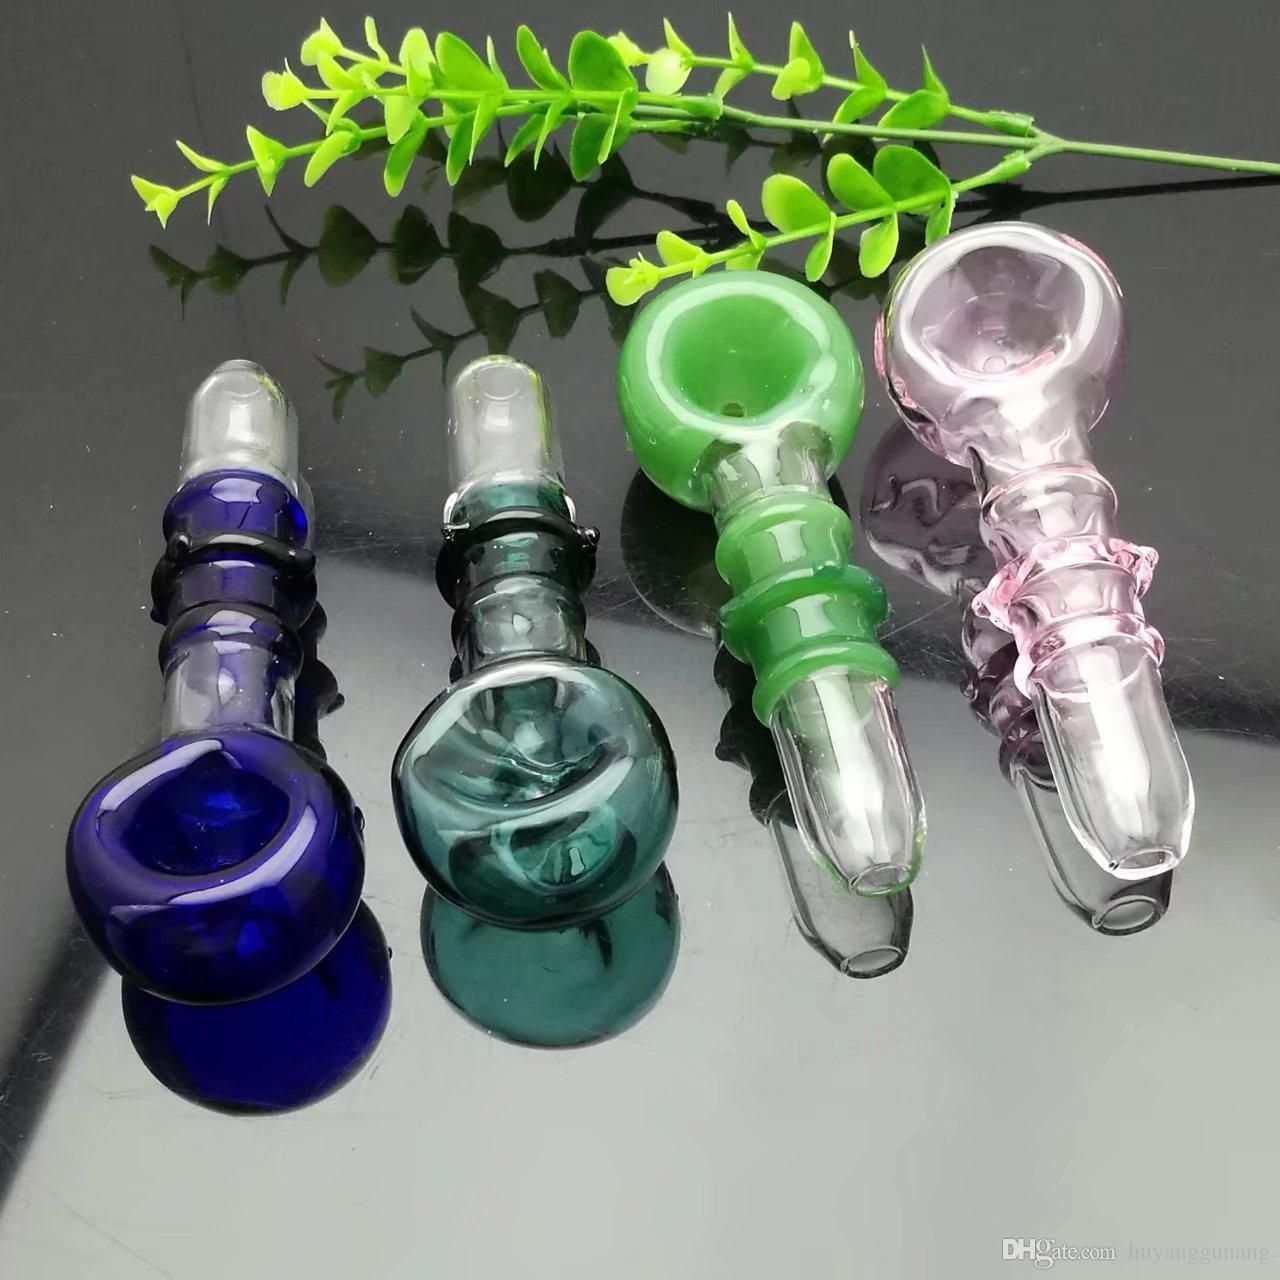 Farbe 3 Runden große Blase konkaver Rauchtopf Glasbongs Ölbrenner Glas Wasserpfeife Bohrinseln Rauchen